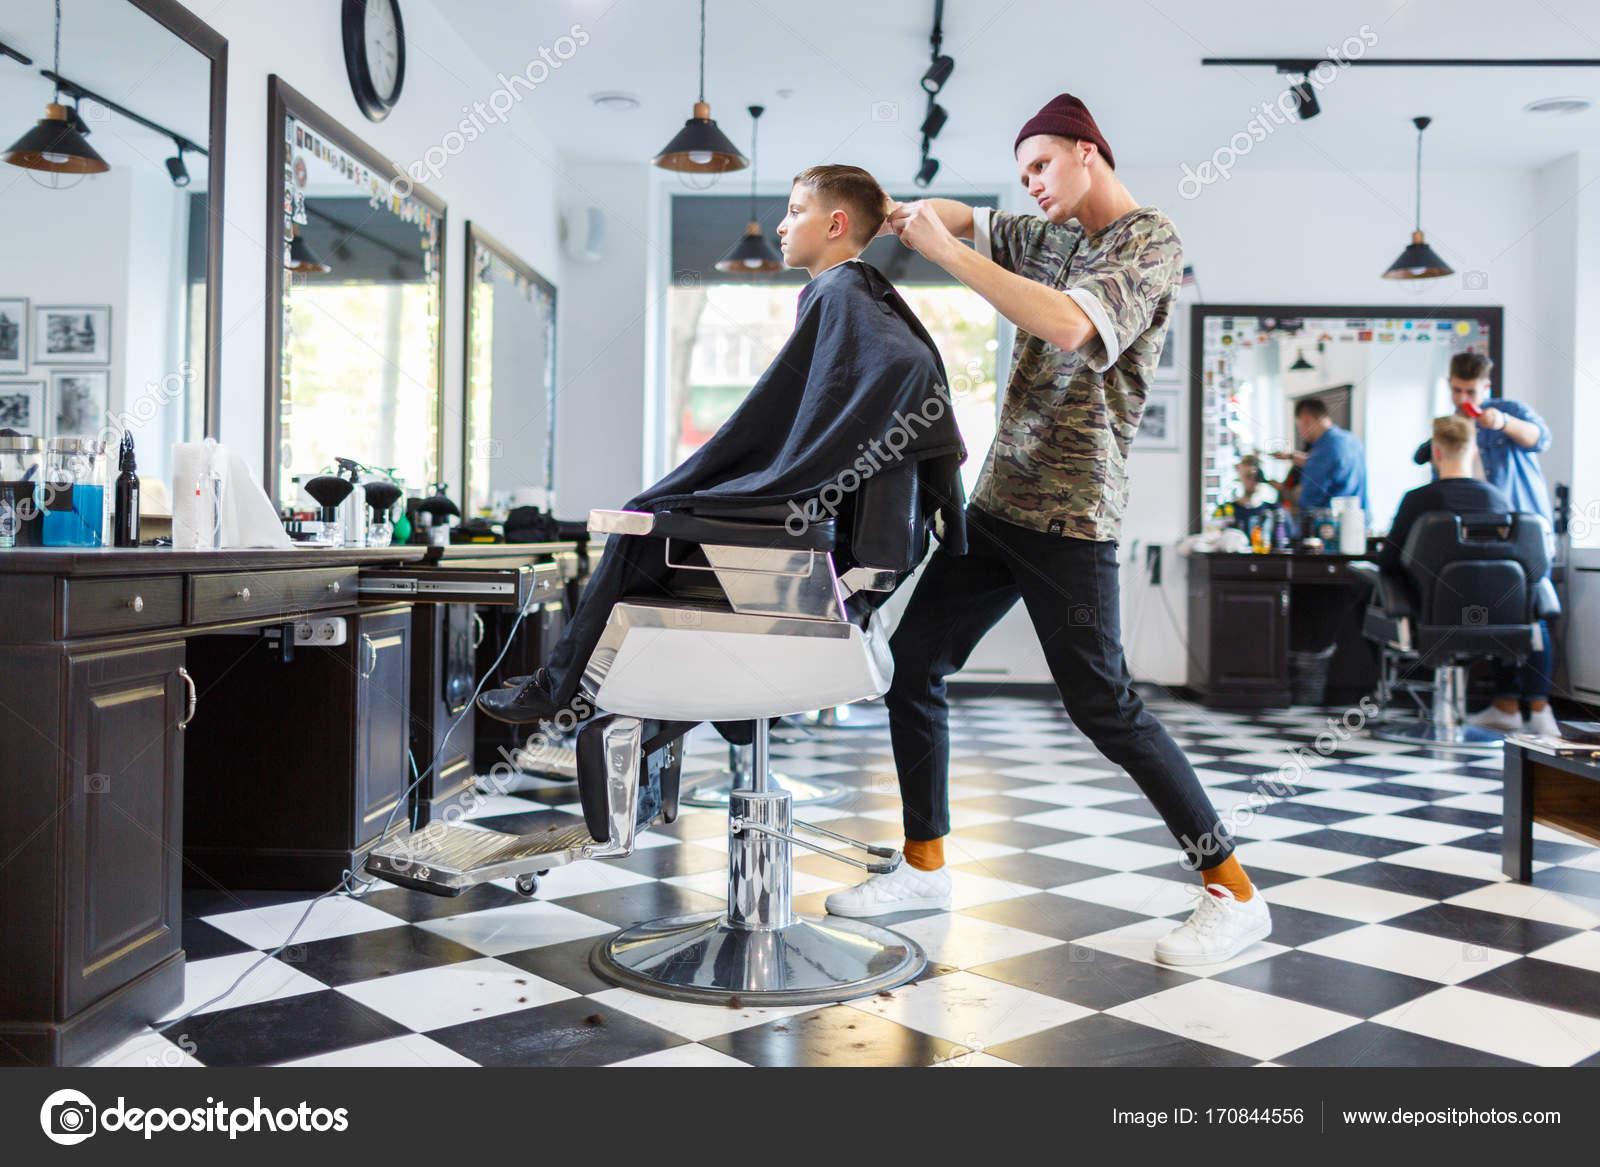 Parrucchiere barbiere parihopher strechot piccolo ragazzo seduto